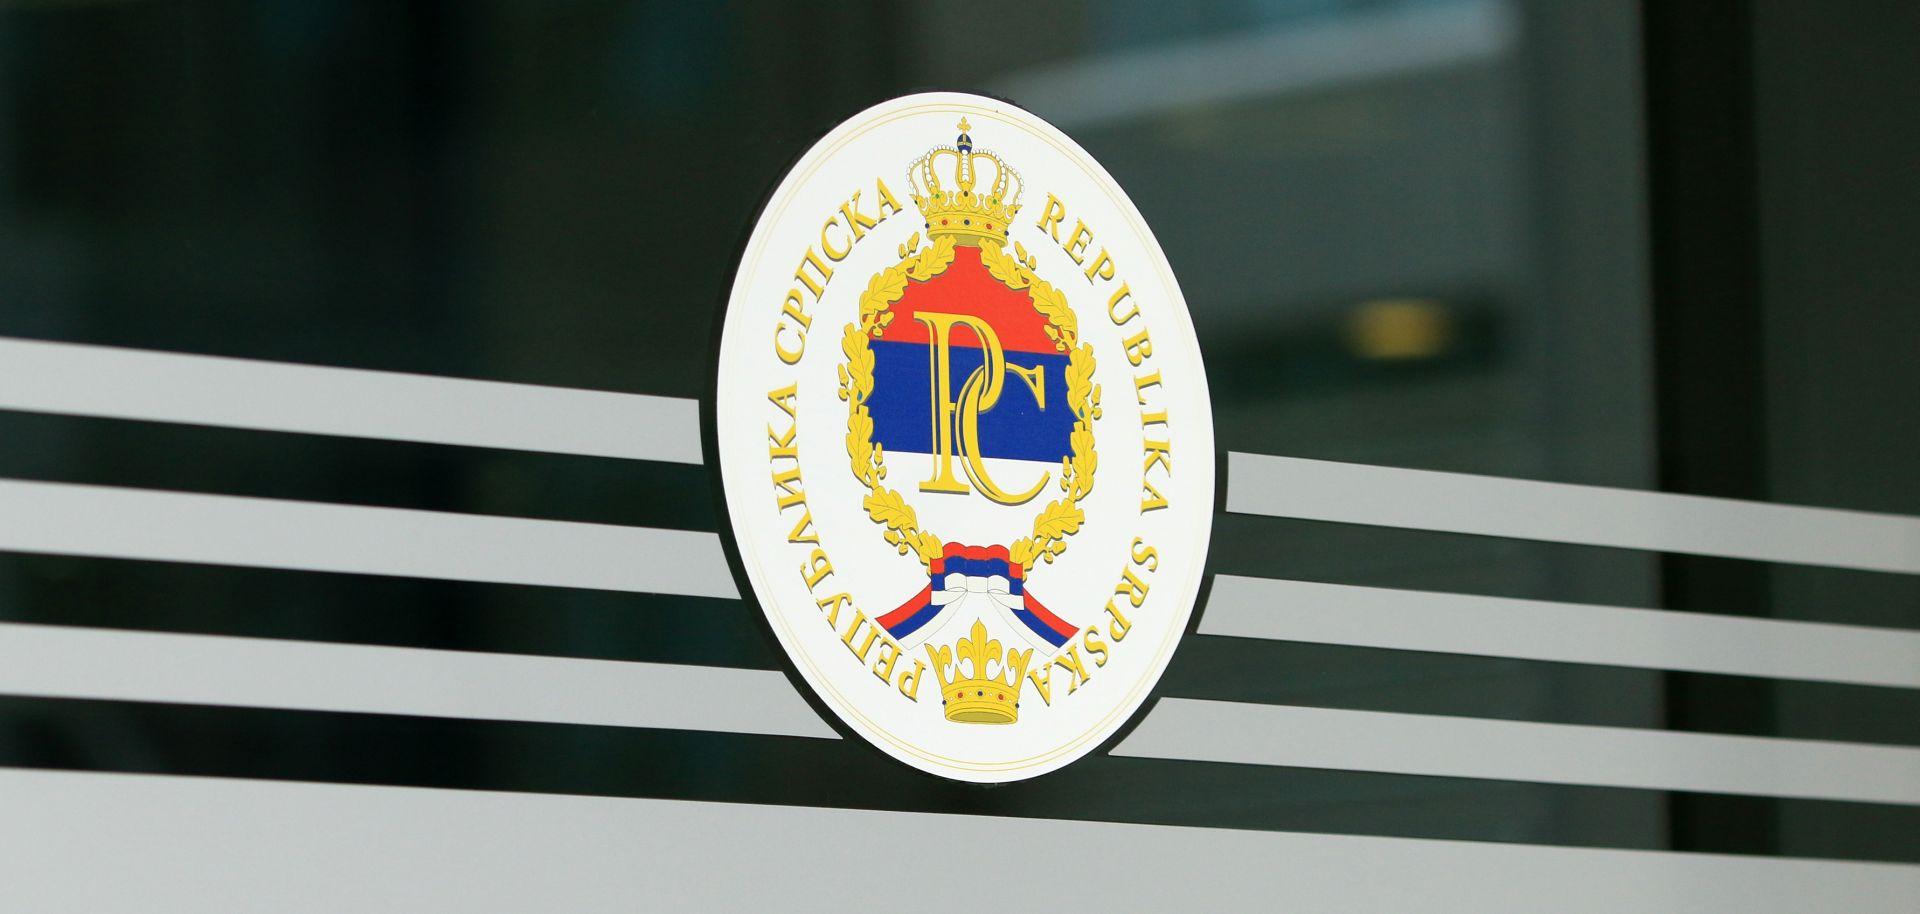 Srpskog ratnog zločinca štiti apsurdna zastara